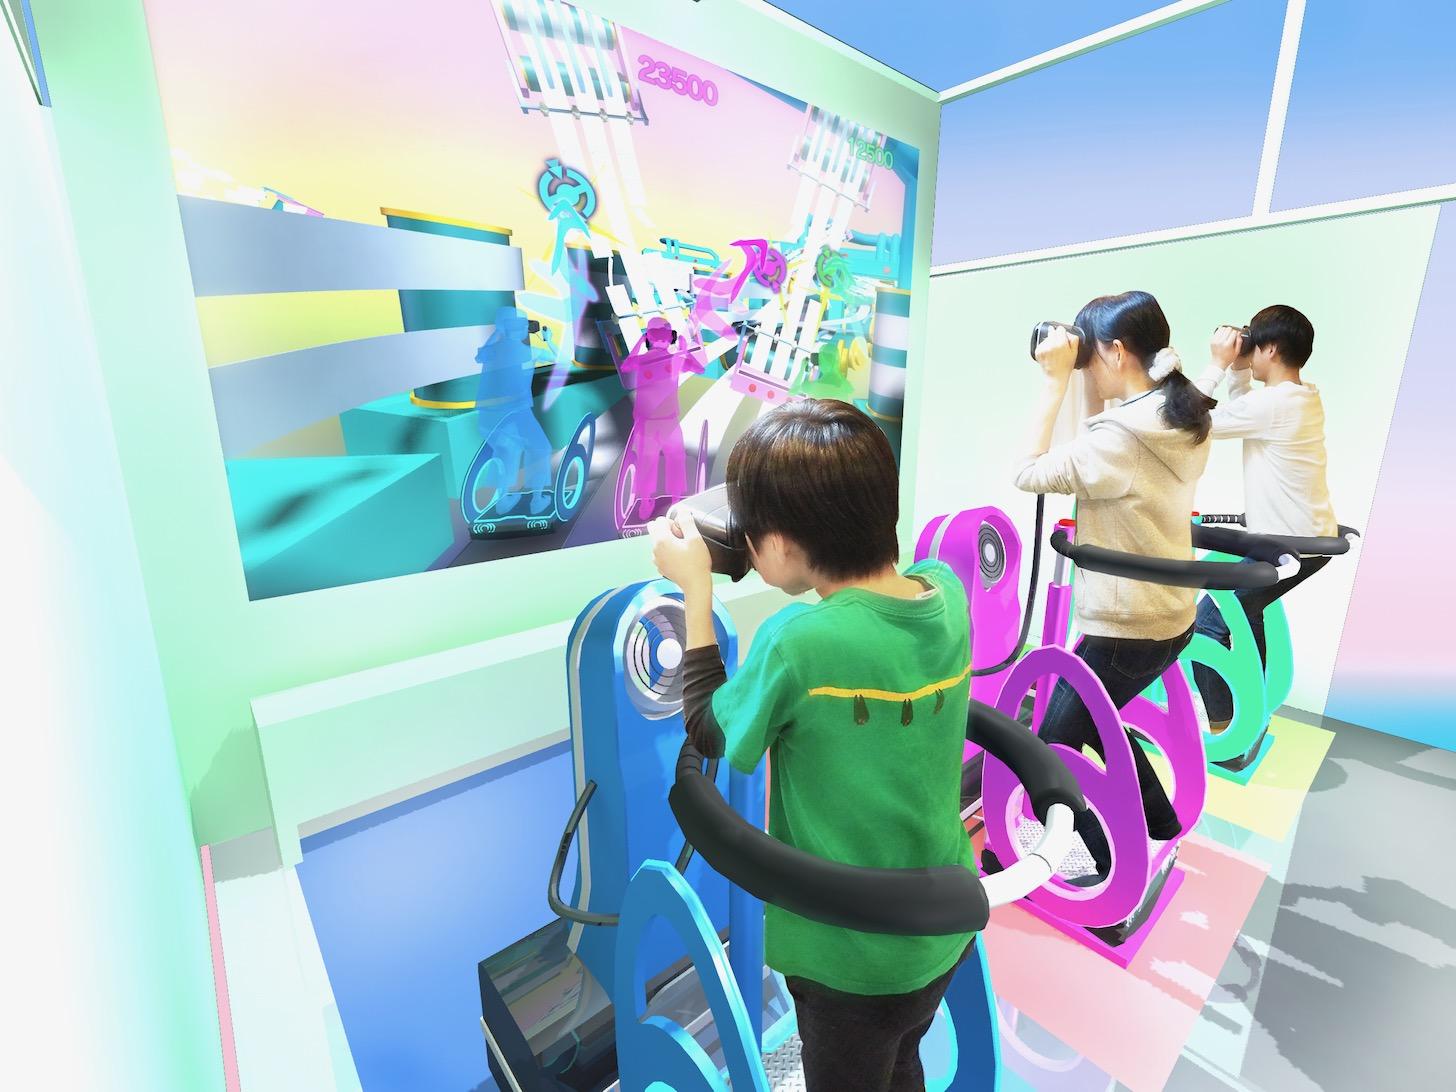 3月6日(金)に大型リニューアルオープンする「グッジョバ!!」